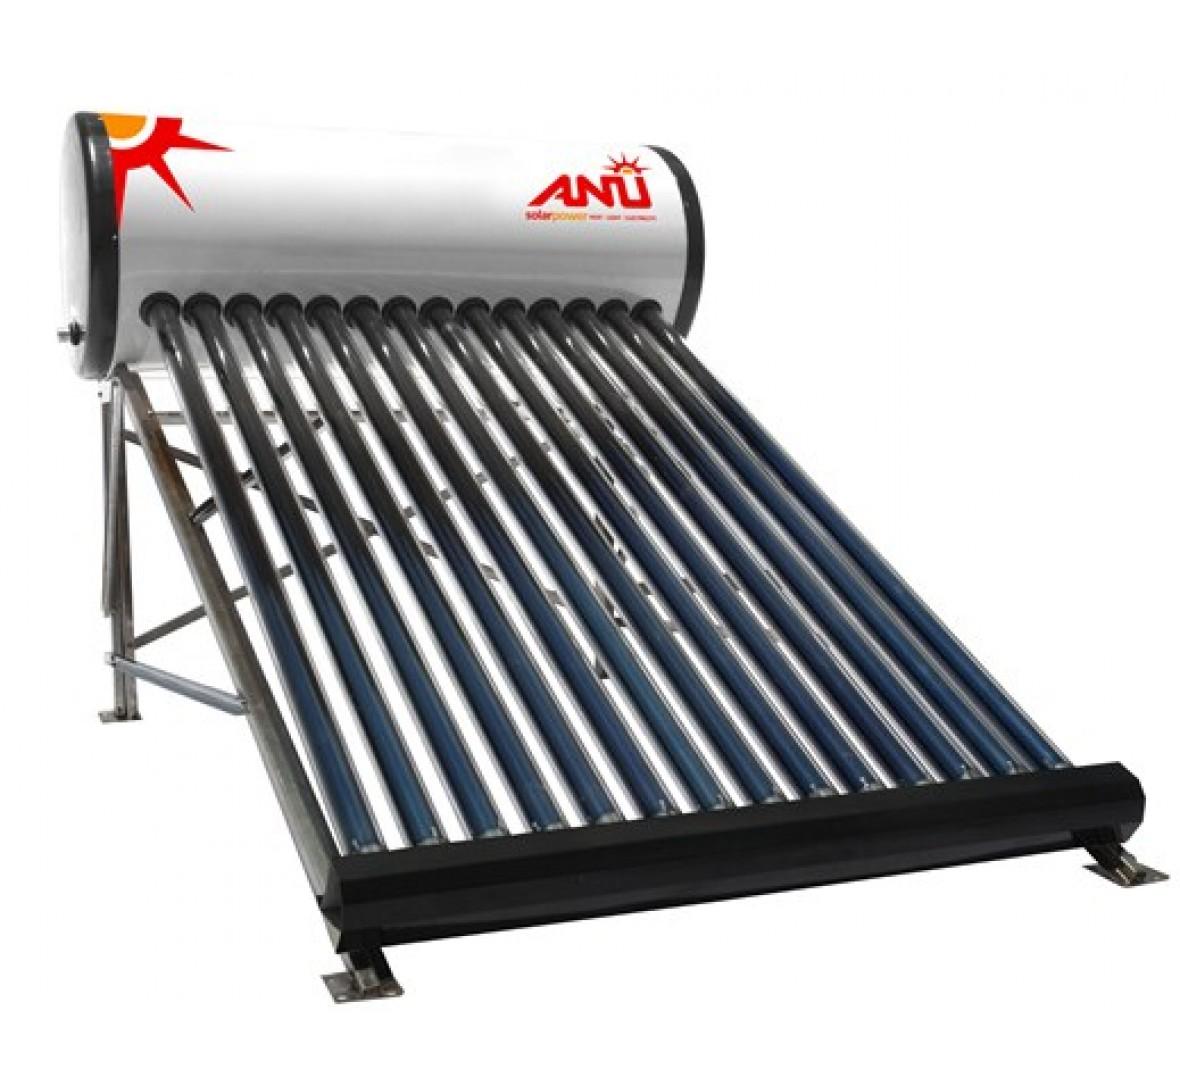 Anu Solar Power Reviews Anu Solar Power Price Complaints